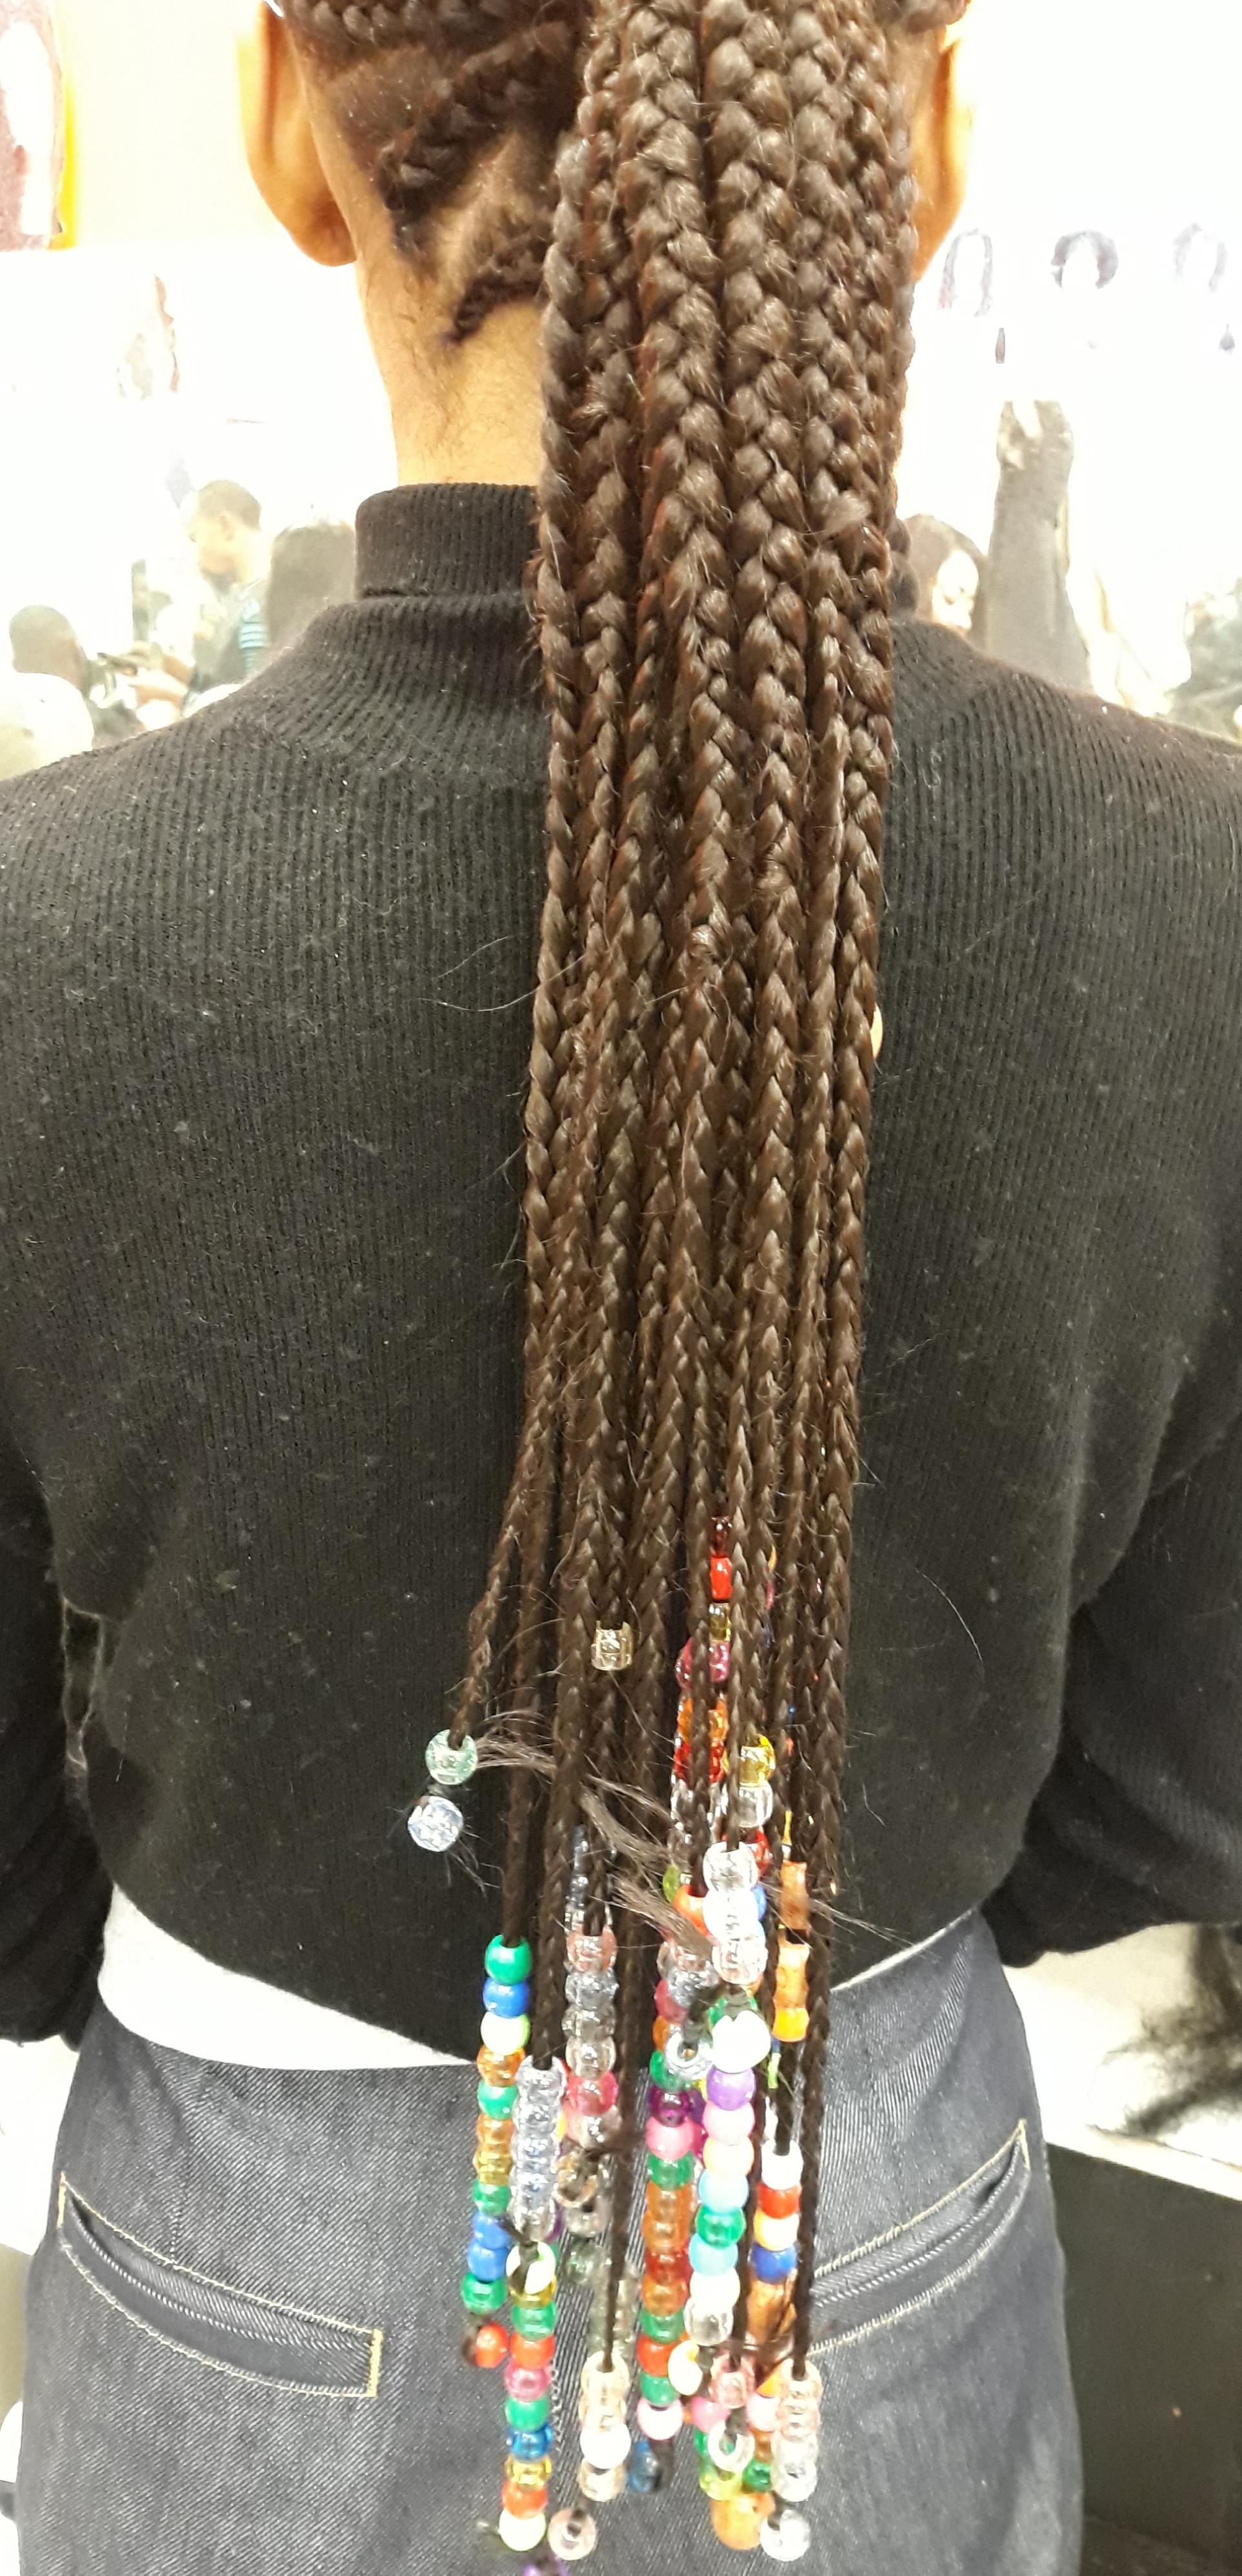 salon de coiffure afro tresse tresses box braids crochet braids vanilles tissages paris 75 77 78 91 92 93 94 95 VVKTGWZJ